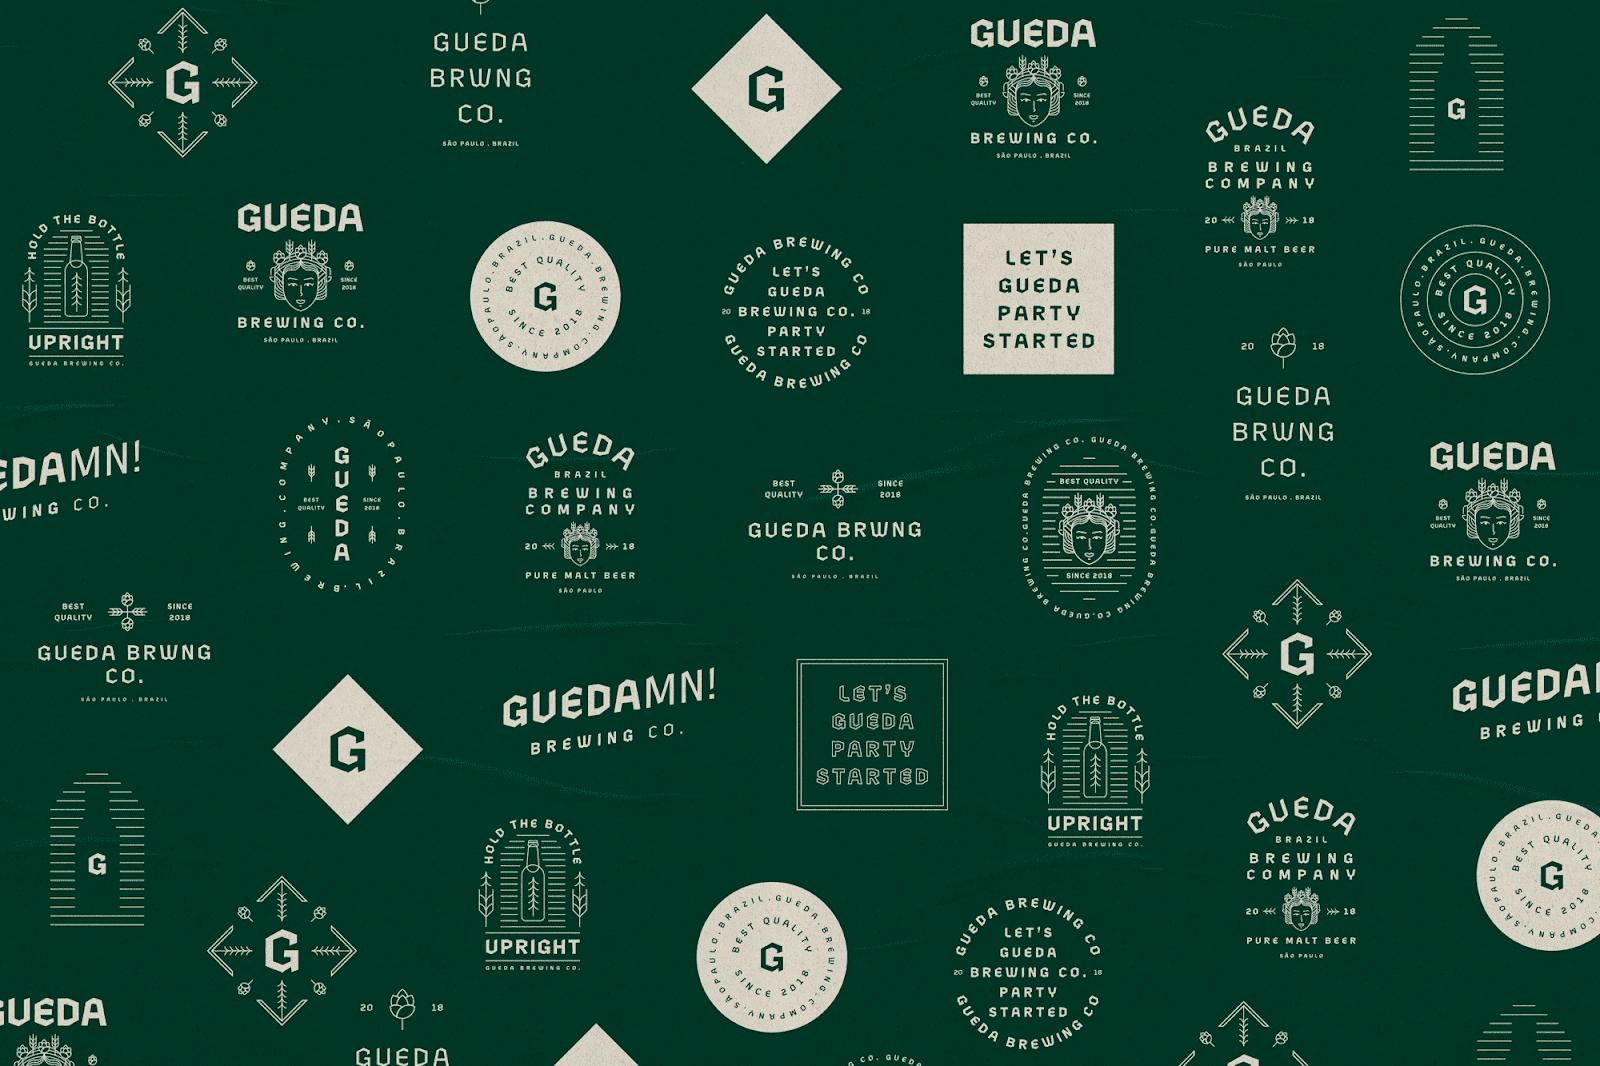 7 gueda - Ach, tie obaly – Gueda Brewing Co.